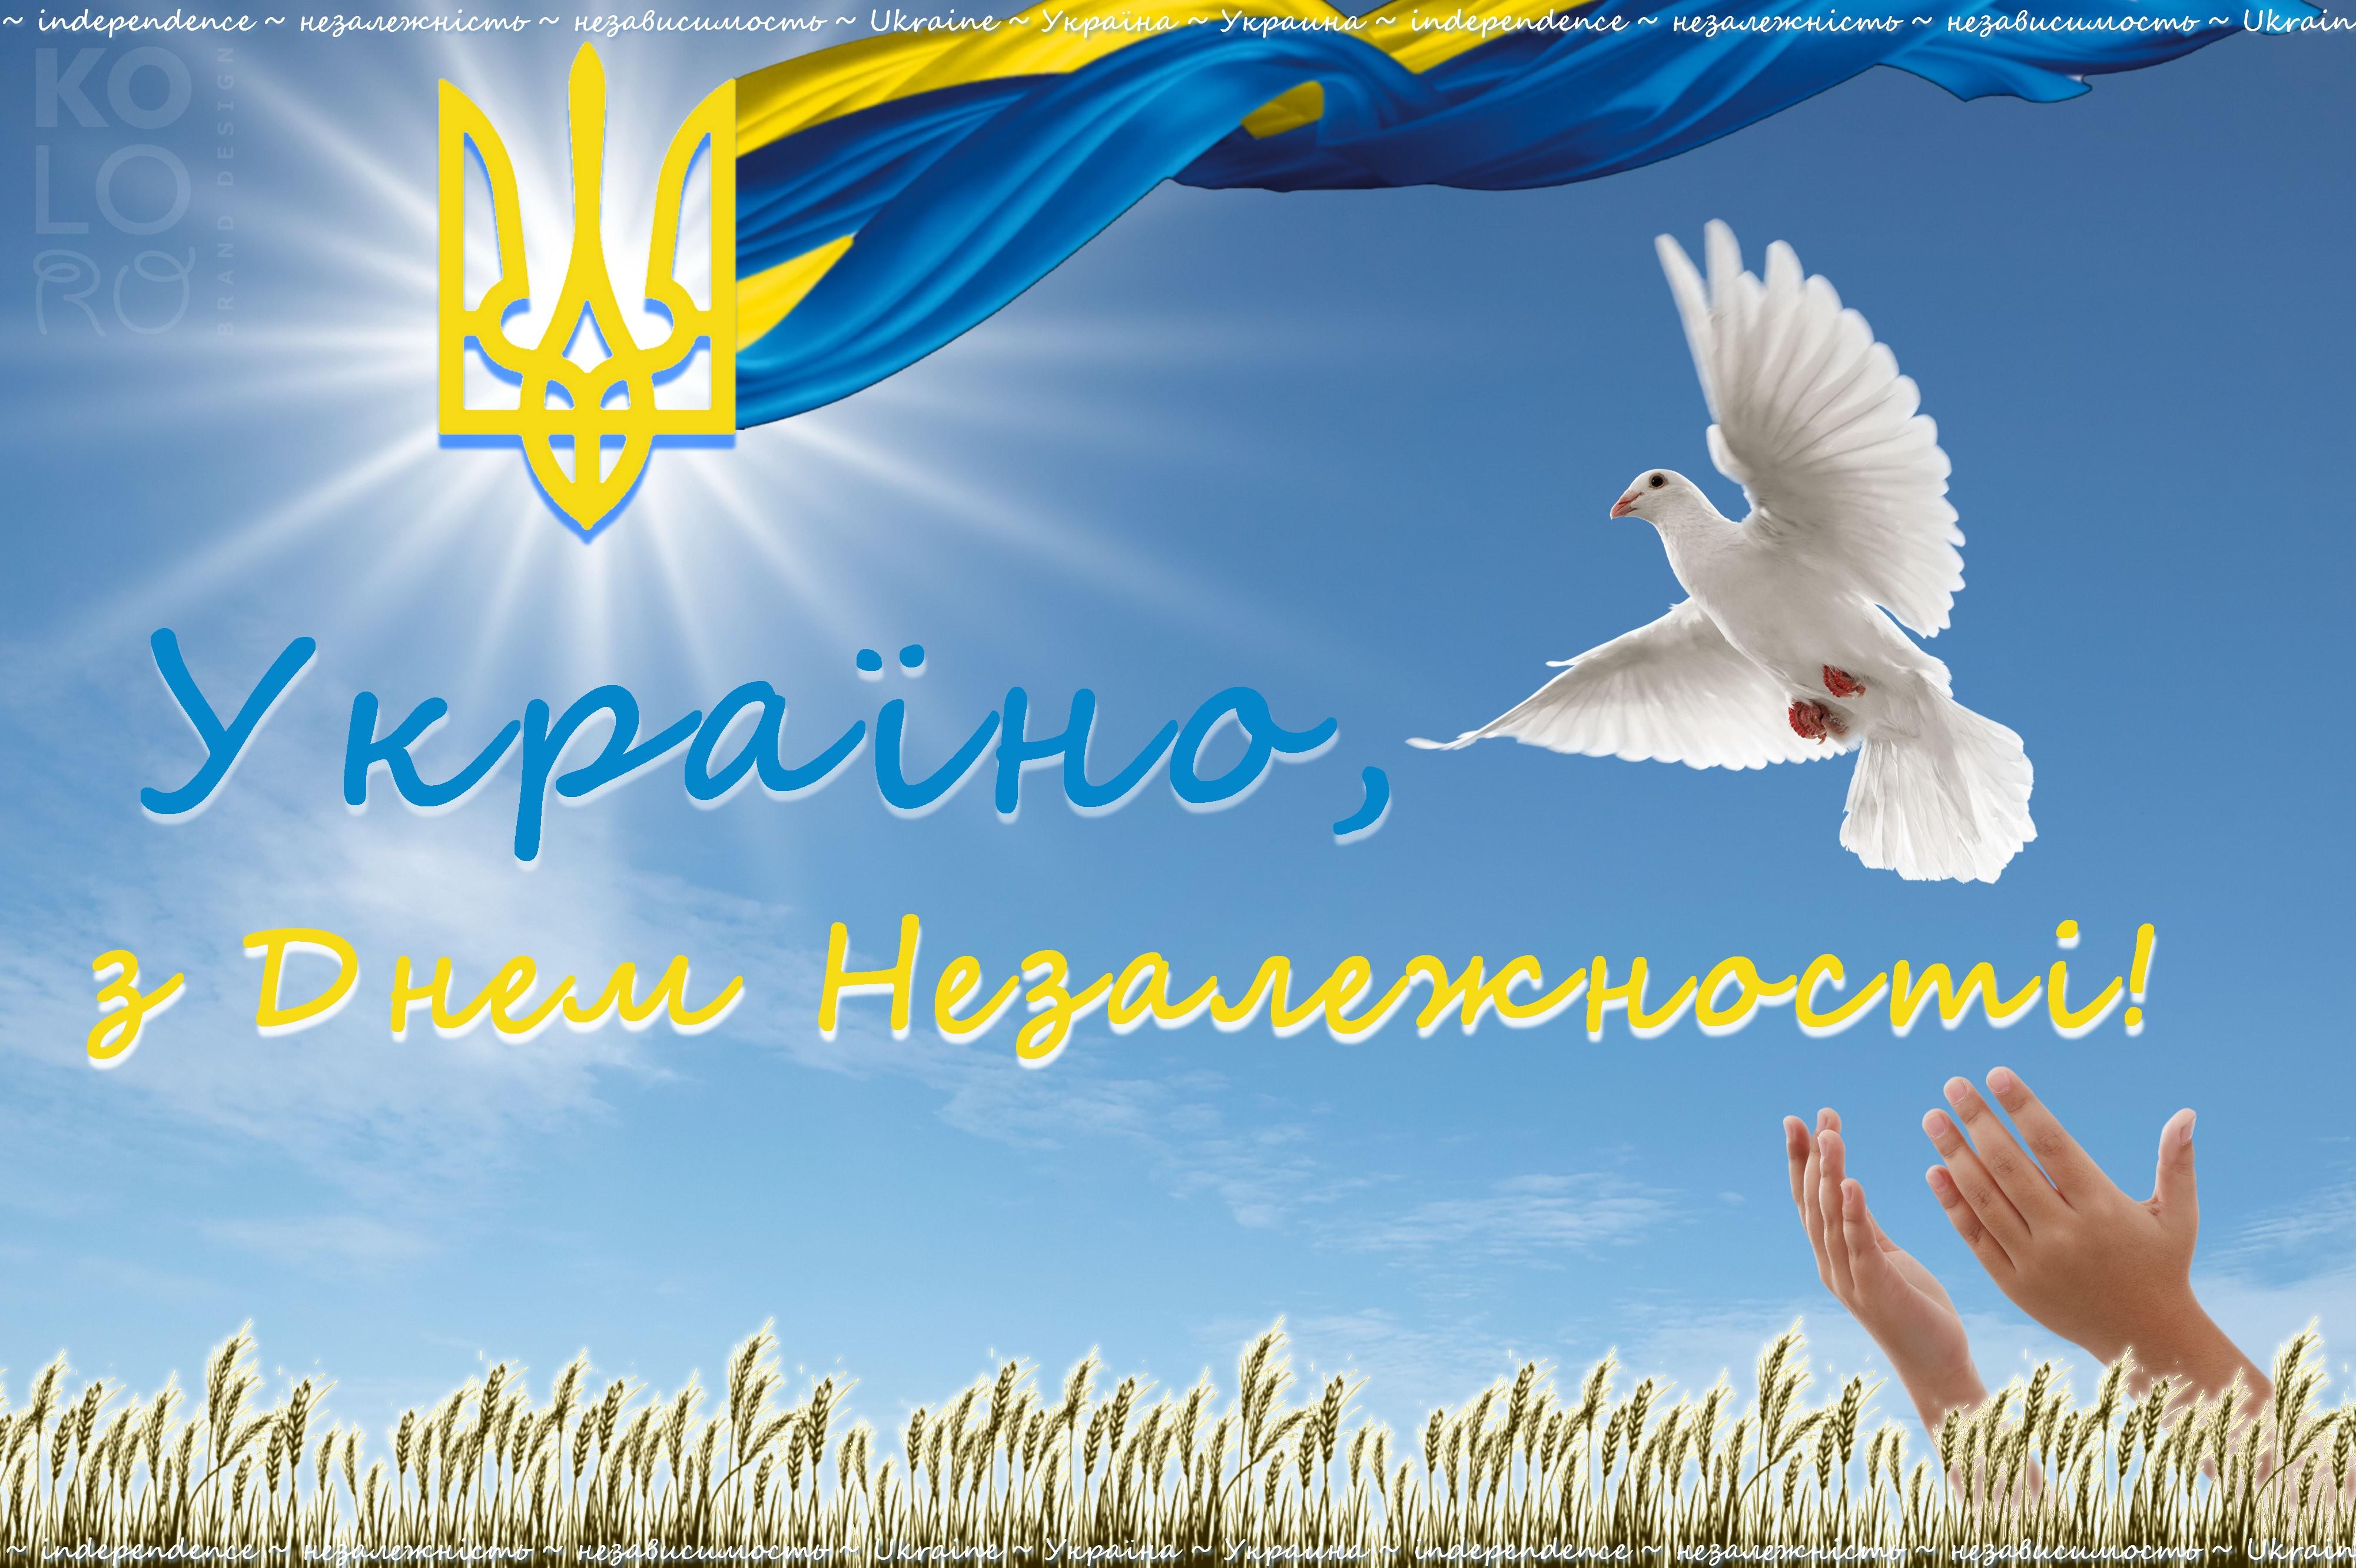 Поздравление брата, день независимости украины поздравления картинки